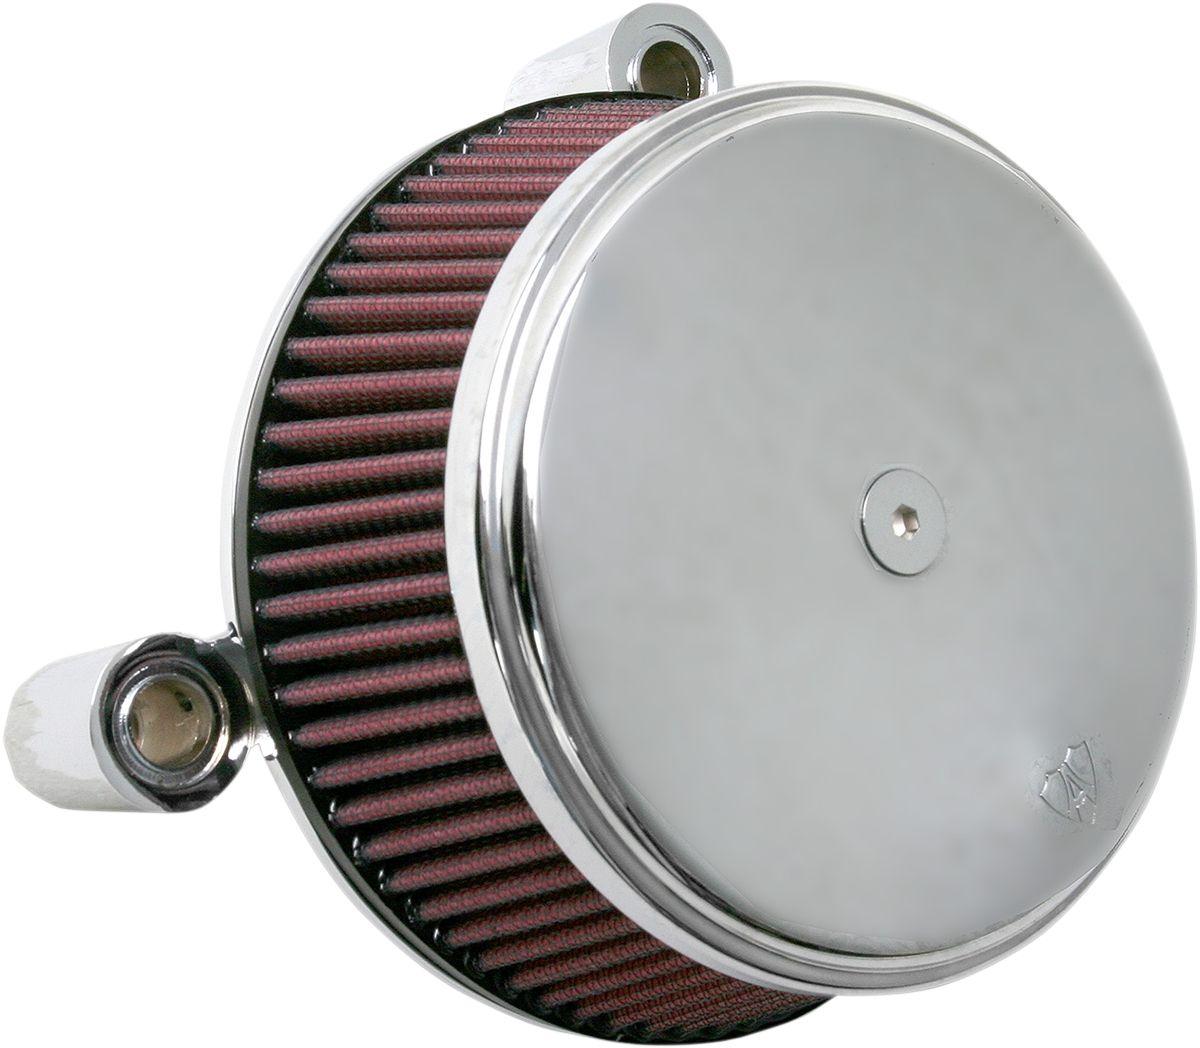 【ARLEN NESS】空氣濾清器總成 空氣濾清器總成1 CVR 99-16TC - 「Webike-摩托百貨」